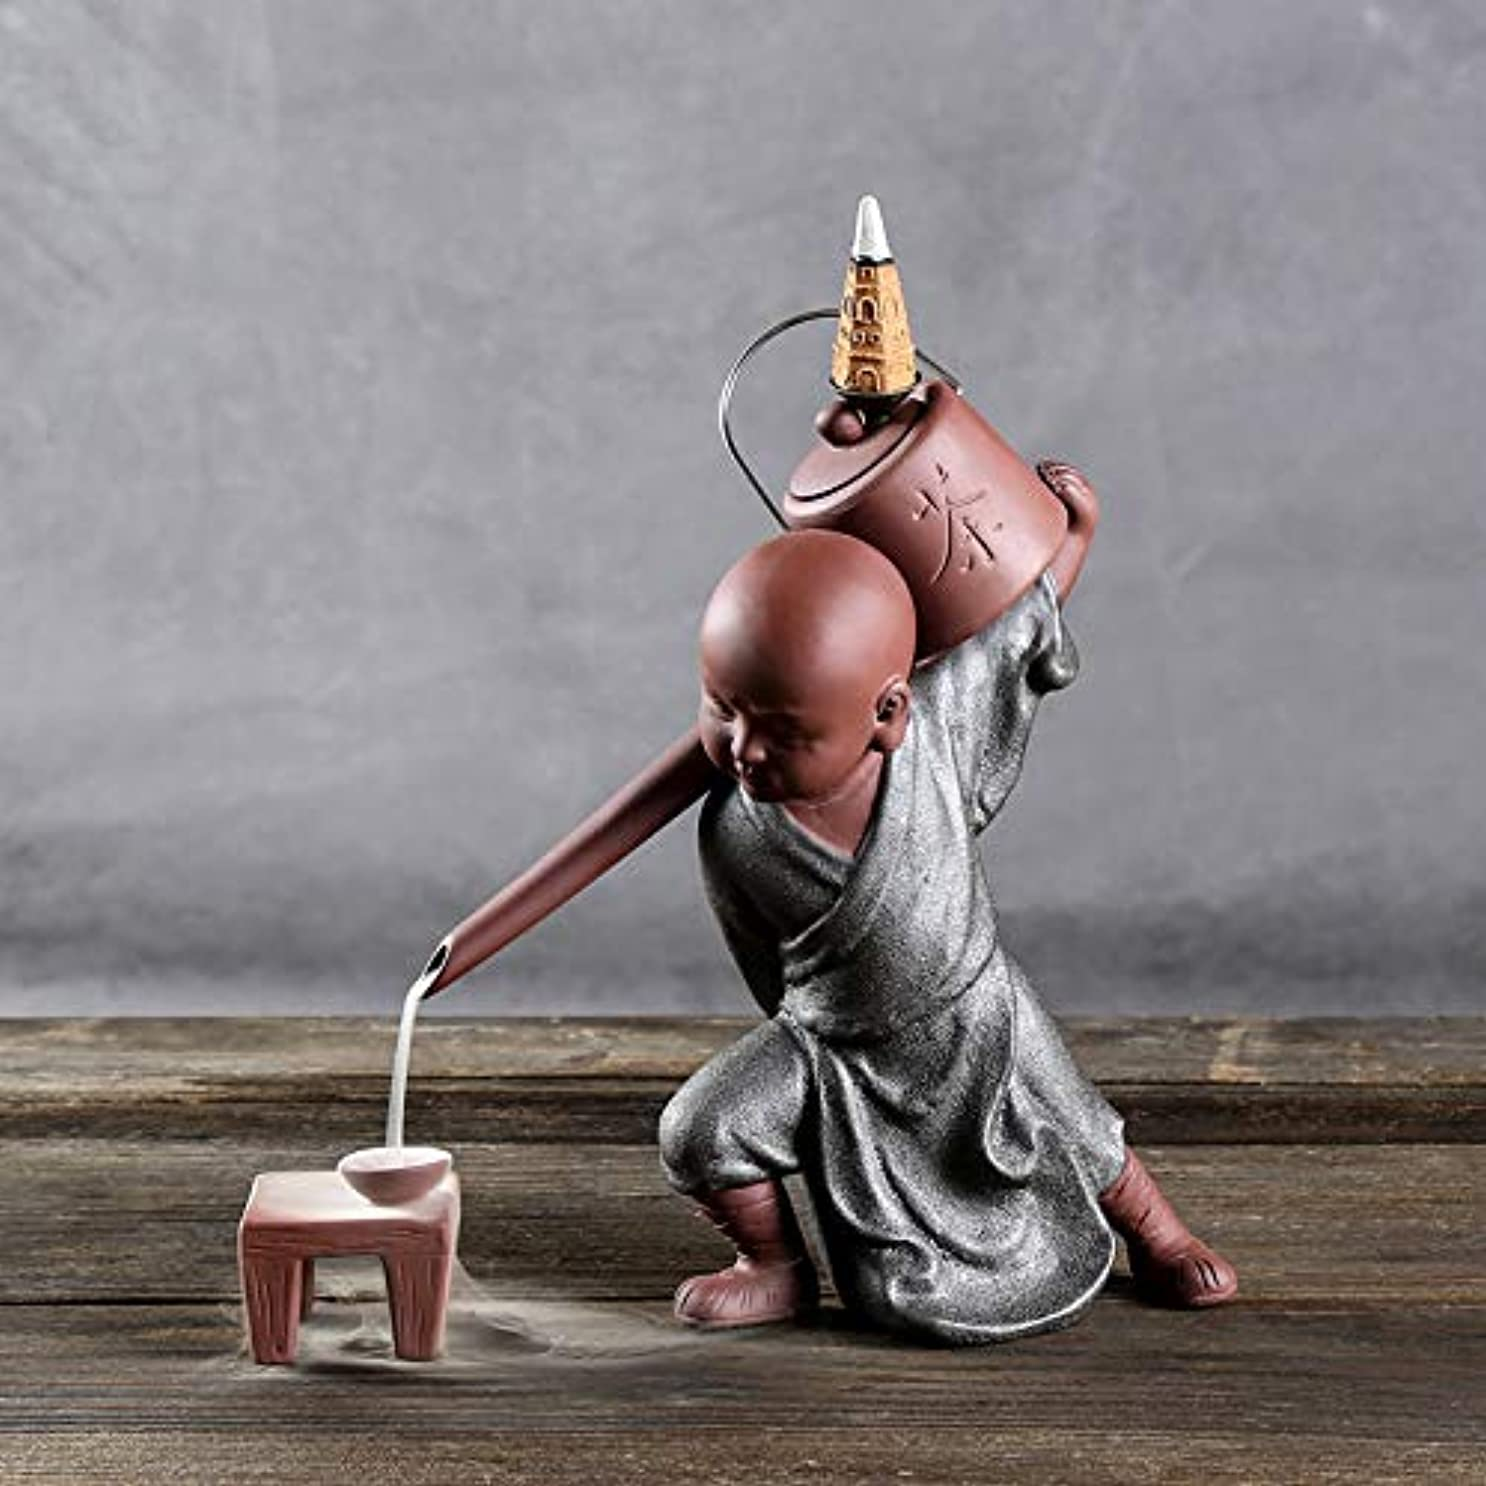 から聞くけがをする慣らすPHILOGOD 陶器香炉 セラミックスポッター逆流香炉 僧侶は水を注ぐモデリング仏壇用香炉 お香 ホルダー (style2)